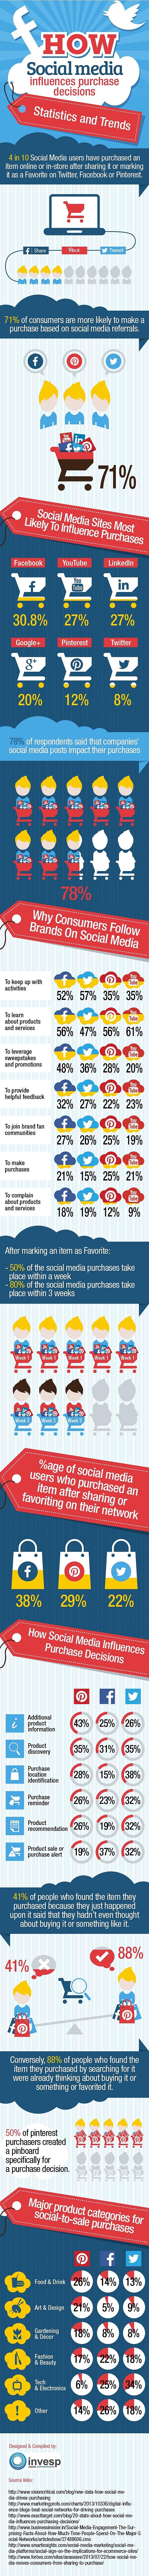 influence - social media